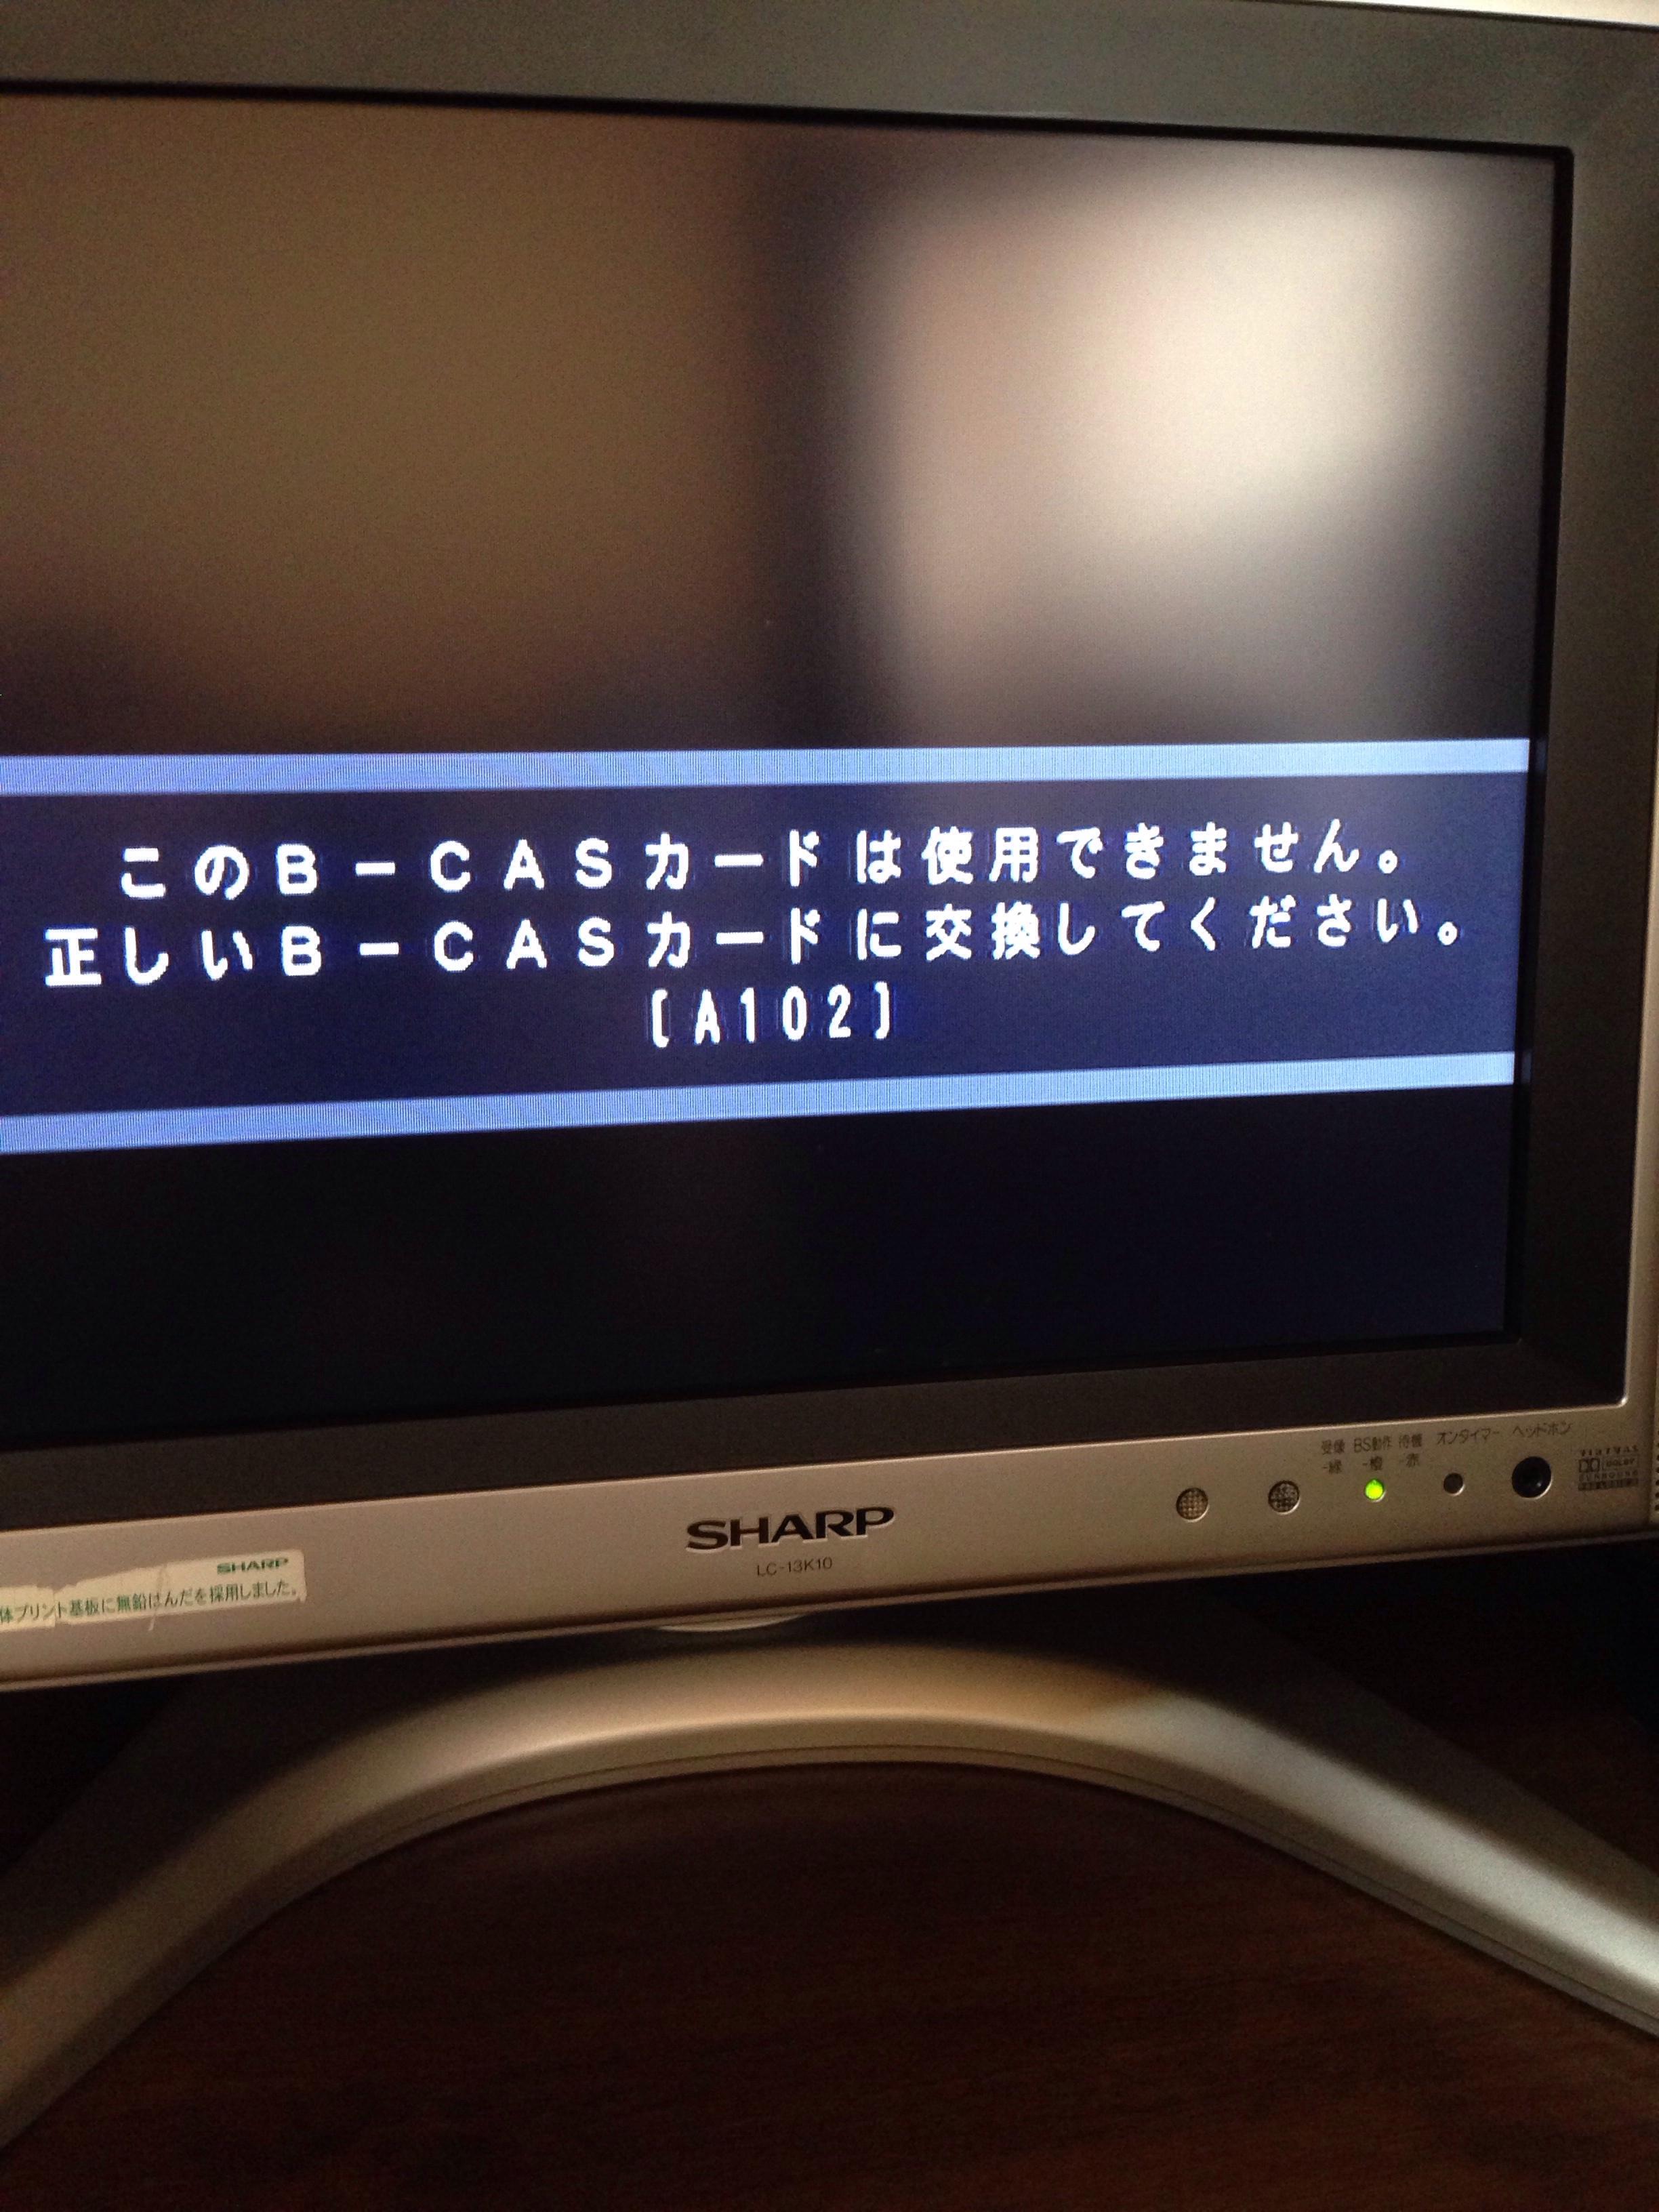 B cas 買い替え カード テレビ